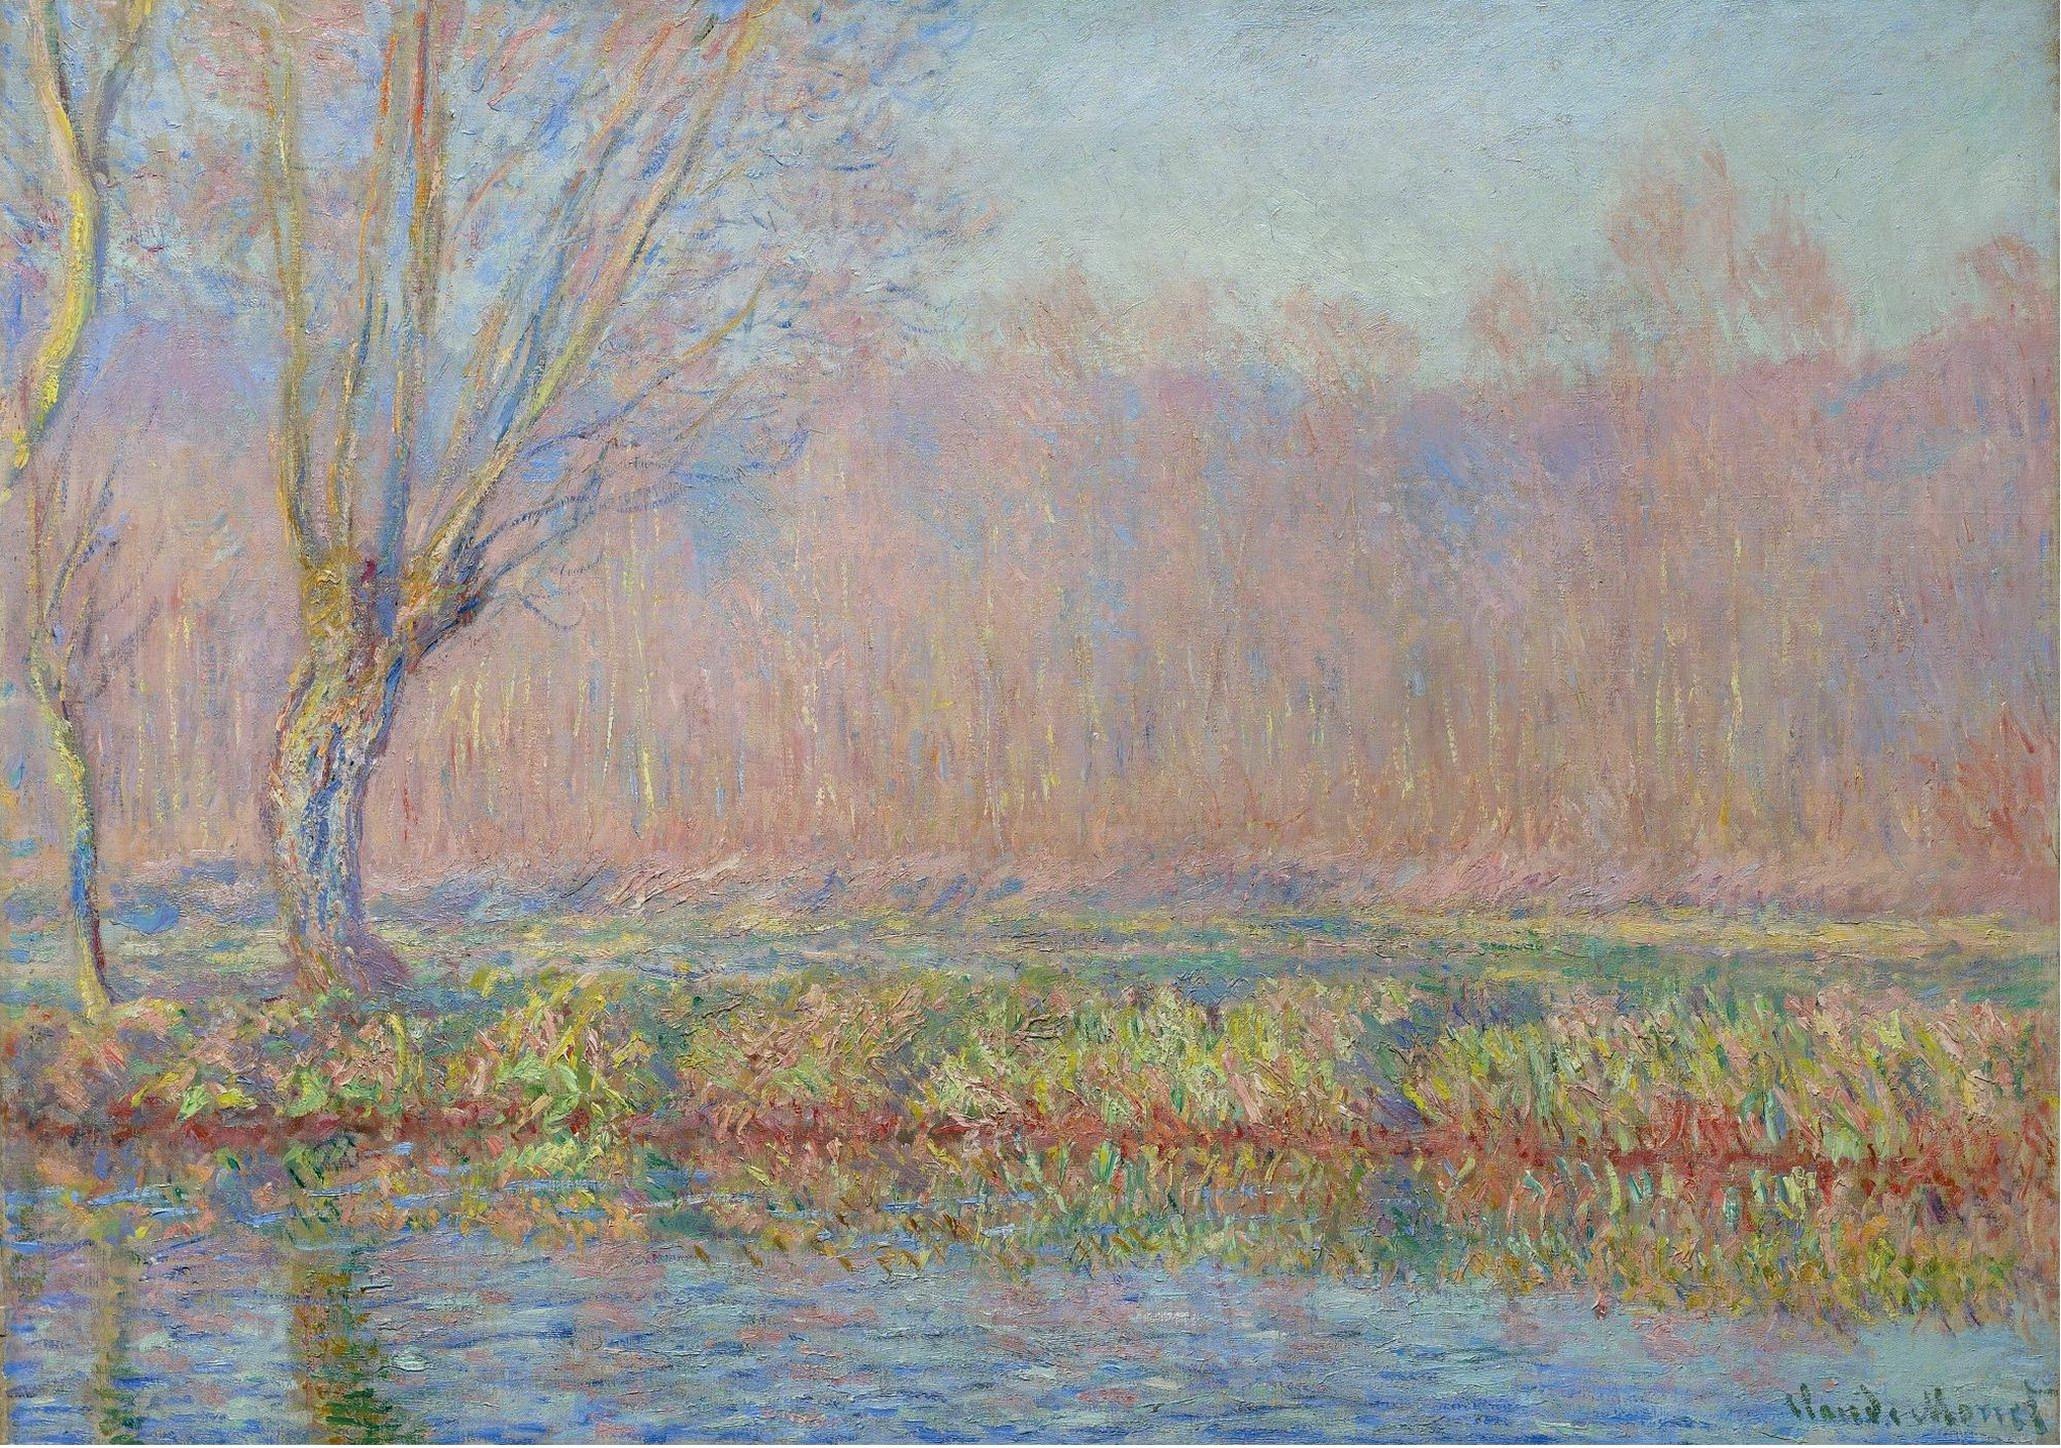 Картины с аукционов Sotheby `s часть - 1 (175 работ) » Страница 4 »  Картины, художники, фотографы на Nevsepic